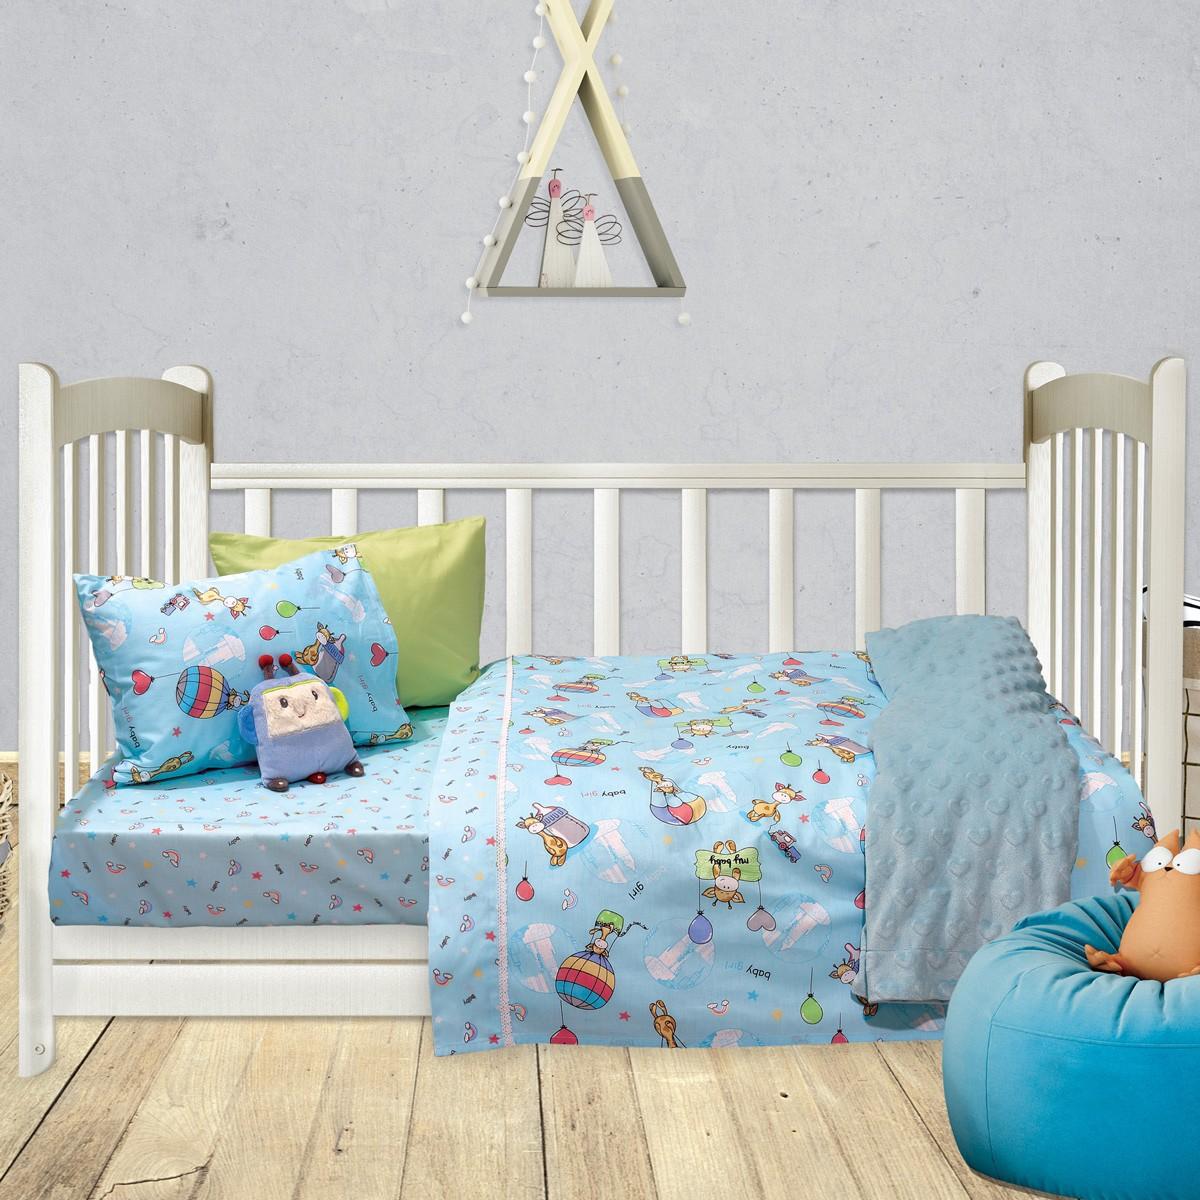 Σεντόνια Κούνιας (Σετ) Das Home Dream Prints 6406